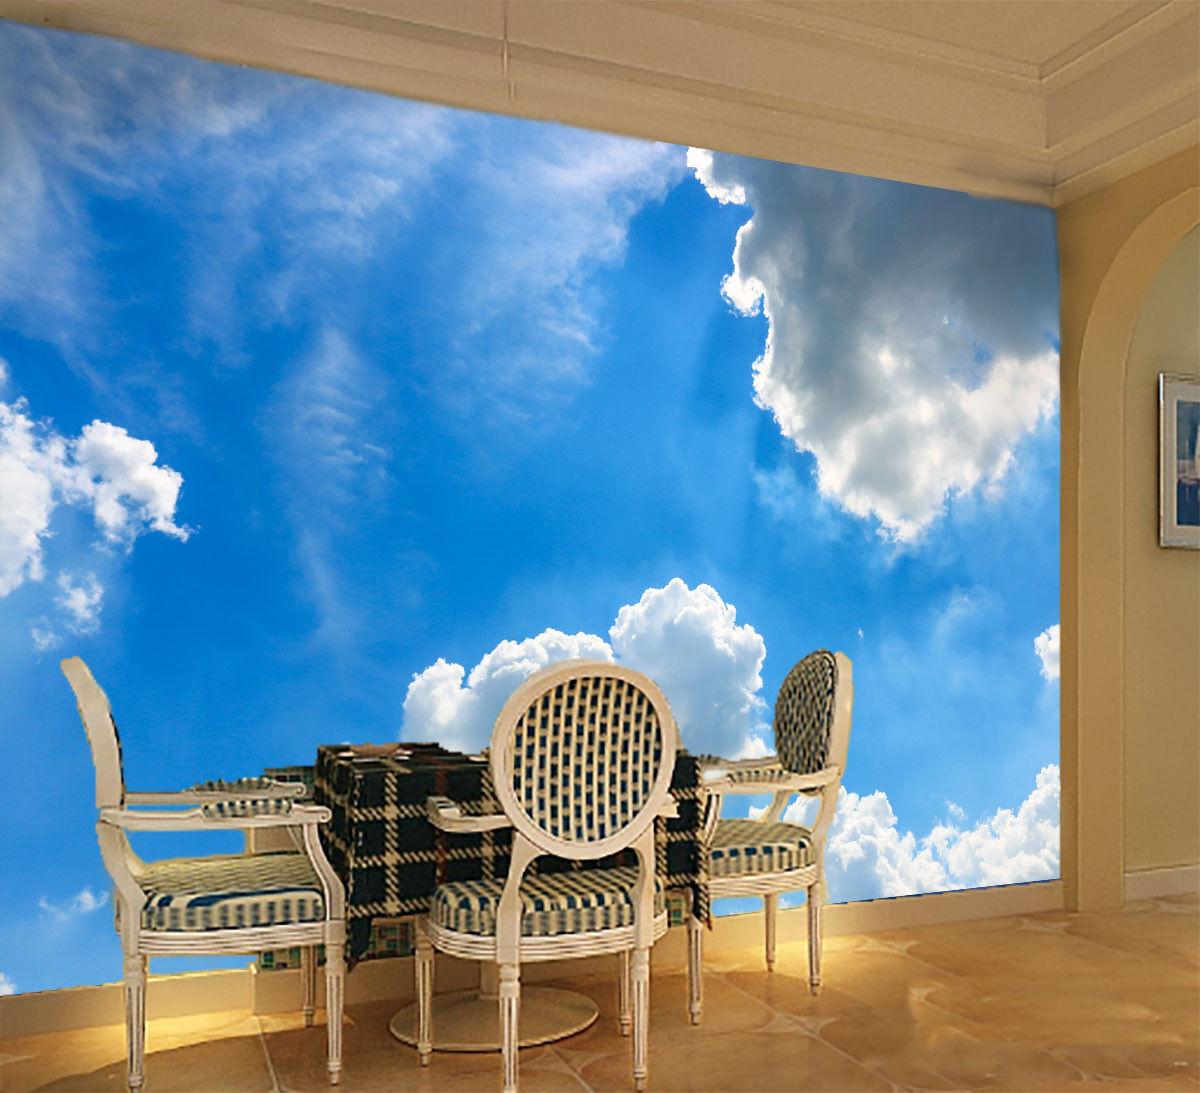 3D Weiße Wolken Himmel Himmel Himmel 9 Tapete Wandgemälde Tapete Tapeten Bild Familie DE Lemon | Genial  | Qualität und Quantität garantiert  | Ausreichende Versorgung  93aeb5